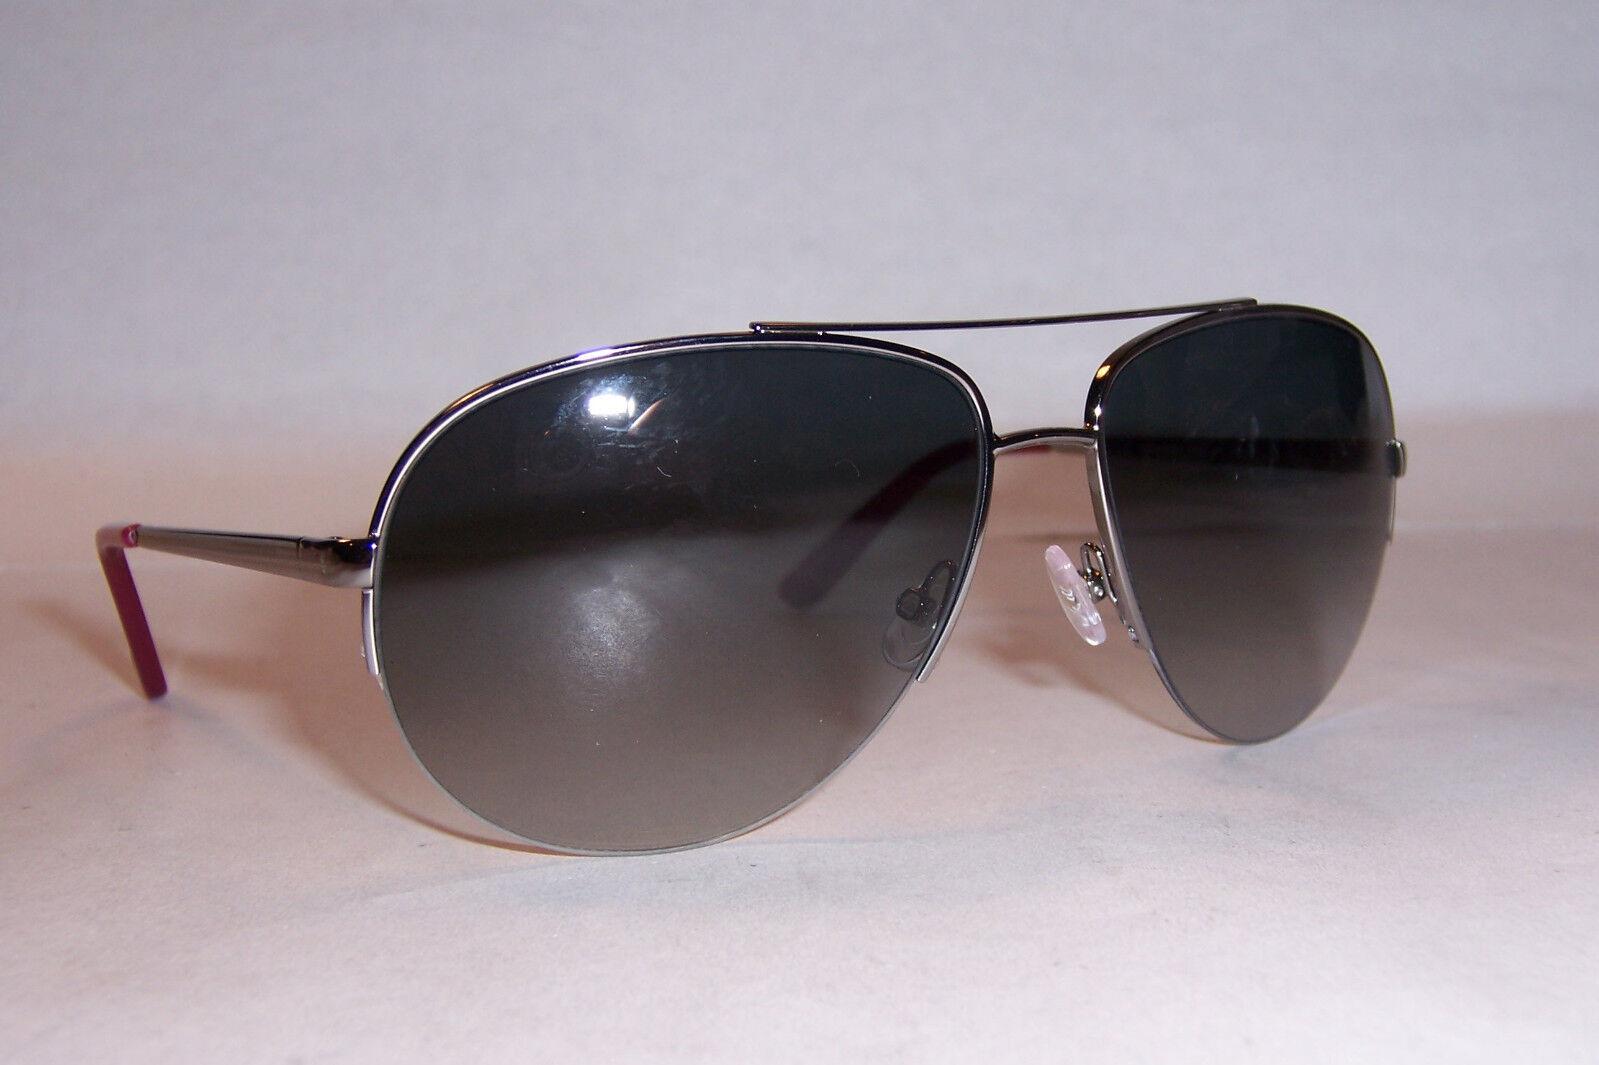 f436e82666 Juicy Couture Sunglasses Platinum s 06lb Ruthenium 58mm